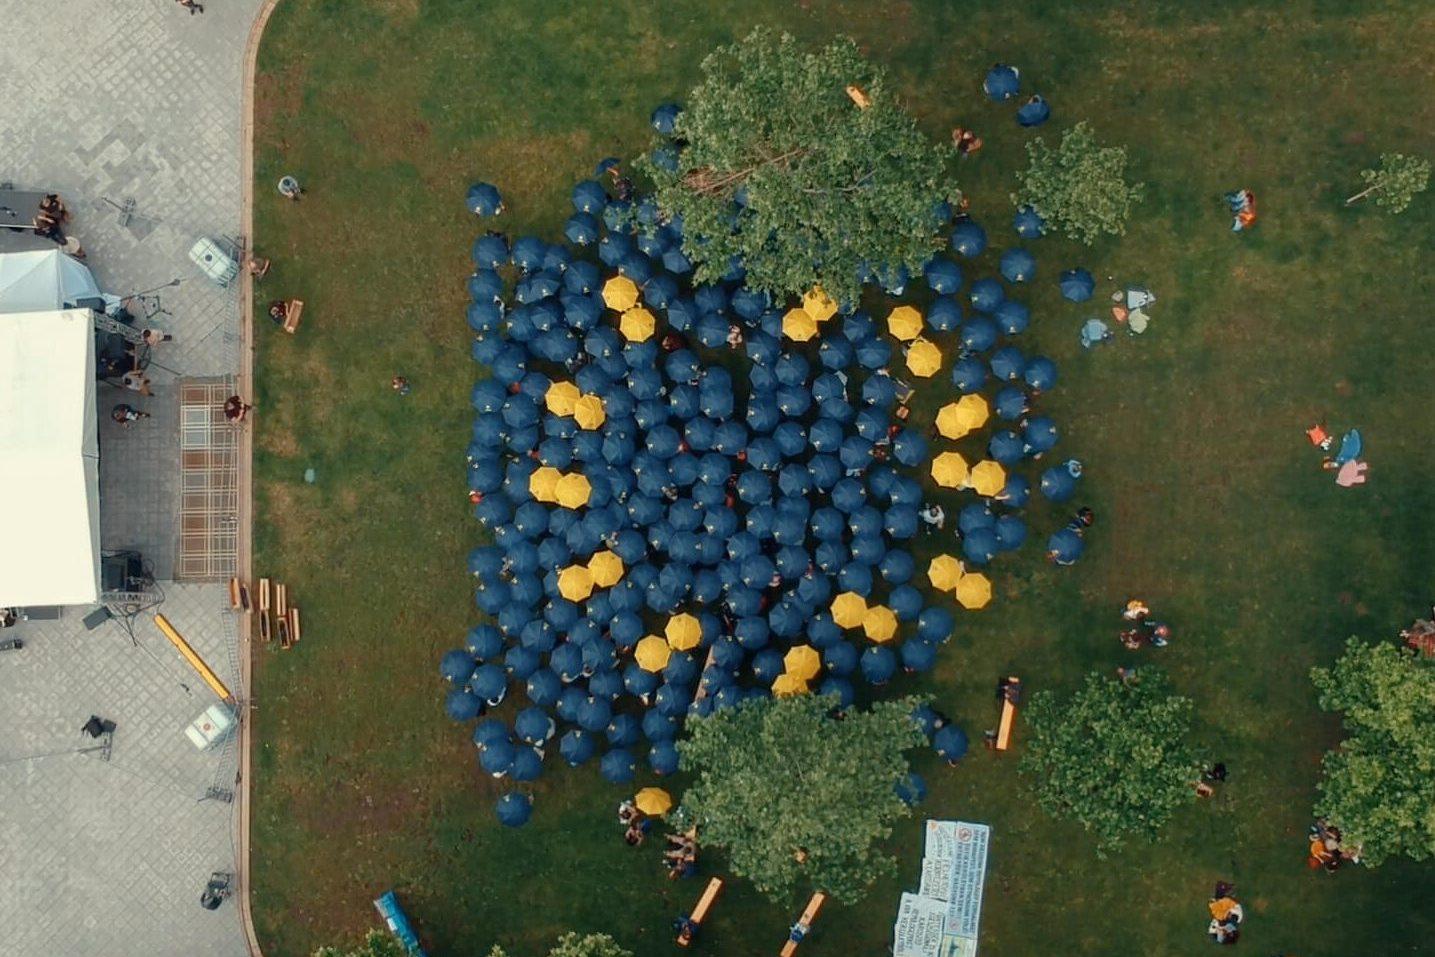 Luftaufnahme eines Flashmobs in Budapest - ca. 200 Menschen halten blaue und gelbe Regenschirme in die Luft und bilden damit die Flagge der EU.